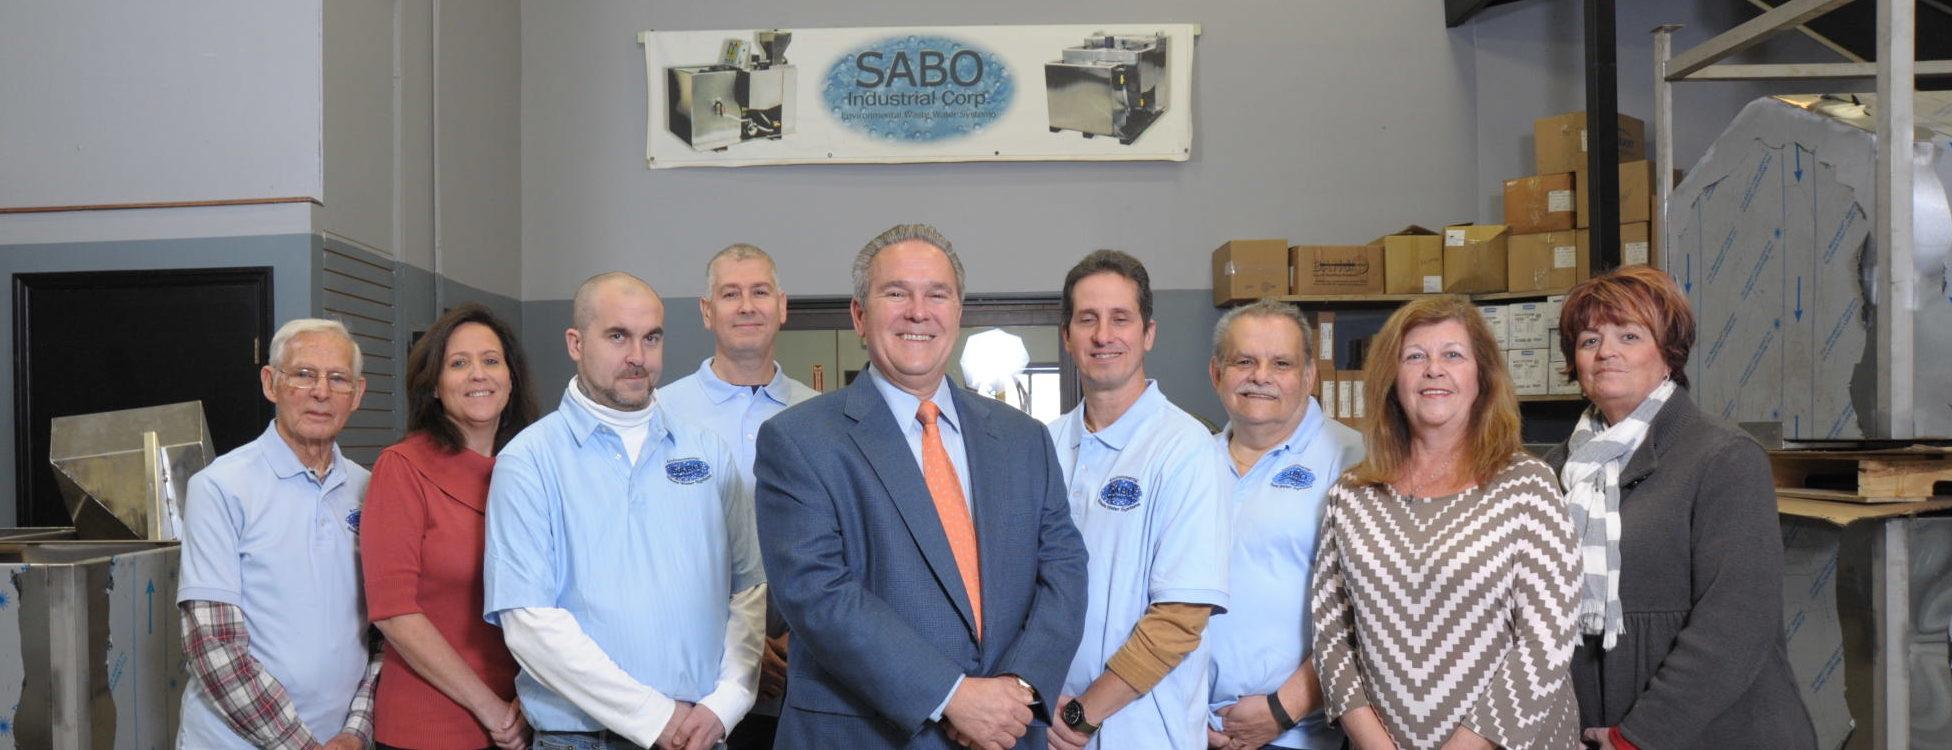 The Sabo Team